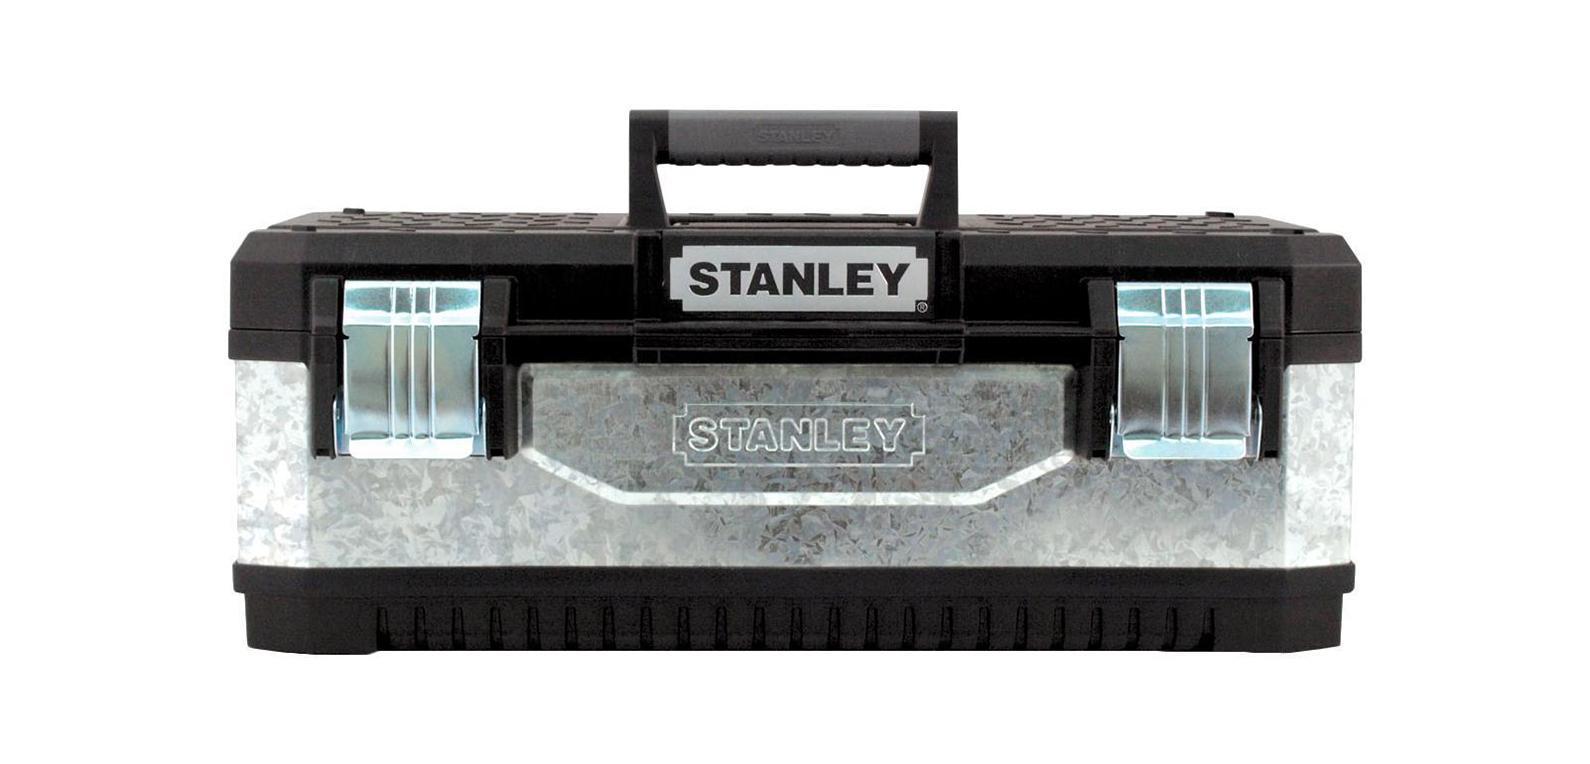 Ящик для инструмента Stanley, 2032047aЯщик для инструмента профессиональный Stanley металлопластмассовый гальванизированный. - Одна длинная металлическая петля для усиления конструкции и возможности переноски большого веса - Большие прочные металлические с защитой от коррозии замки - Эргономичная ручка из двух материалов - Вместительный металлический корпус 3-х наиболее востребованных размеров - V-образный паз в крышке ящика для удобства расположения детали при пилении - Переносной лоток для транспортировки инструмента и мелких деталей - Отверстия в замках для возможности использования навесного замка для максимальной защиты инструмента. Характеристики: Материал: пластик, металл. Размеры ящика: 48 см х 24 см х 16 см. Размеры лотка:38 см х 23 см х 3 см. Глубина ящика:16 см. Размеры упаковки:49,7 см х 29,3 см х 22,2 см.